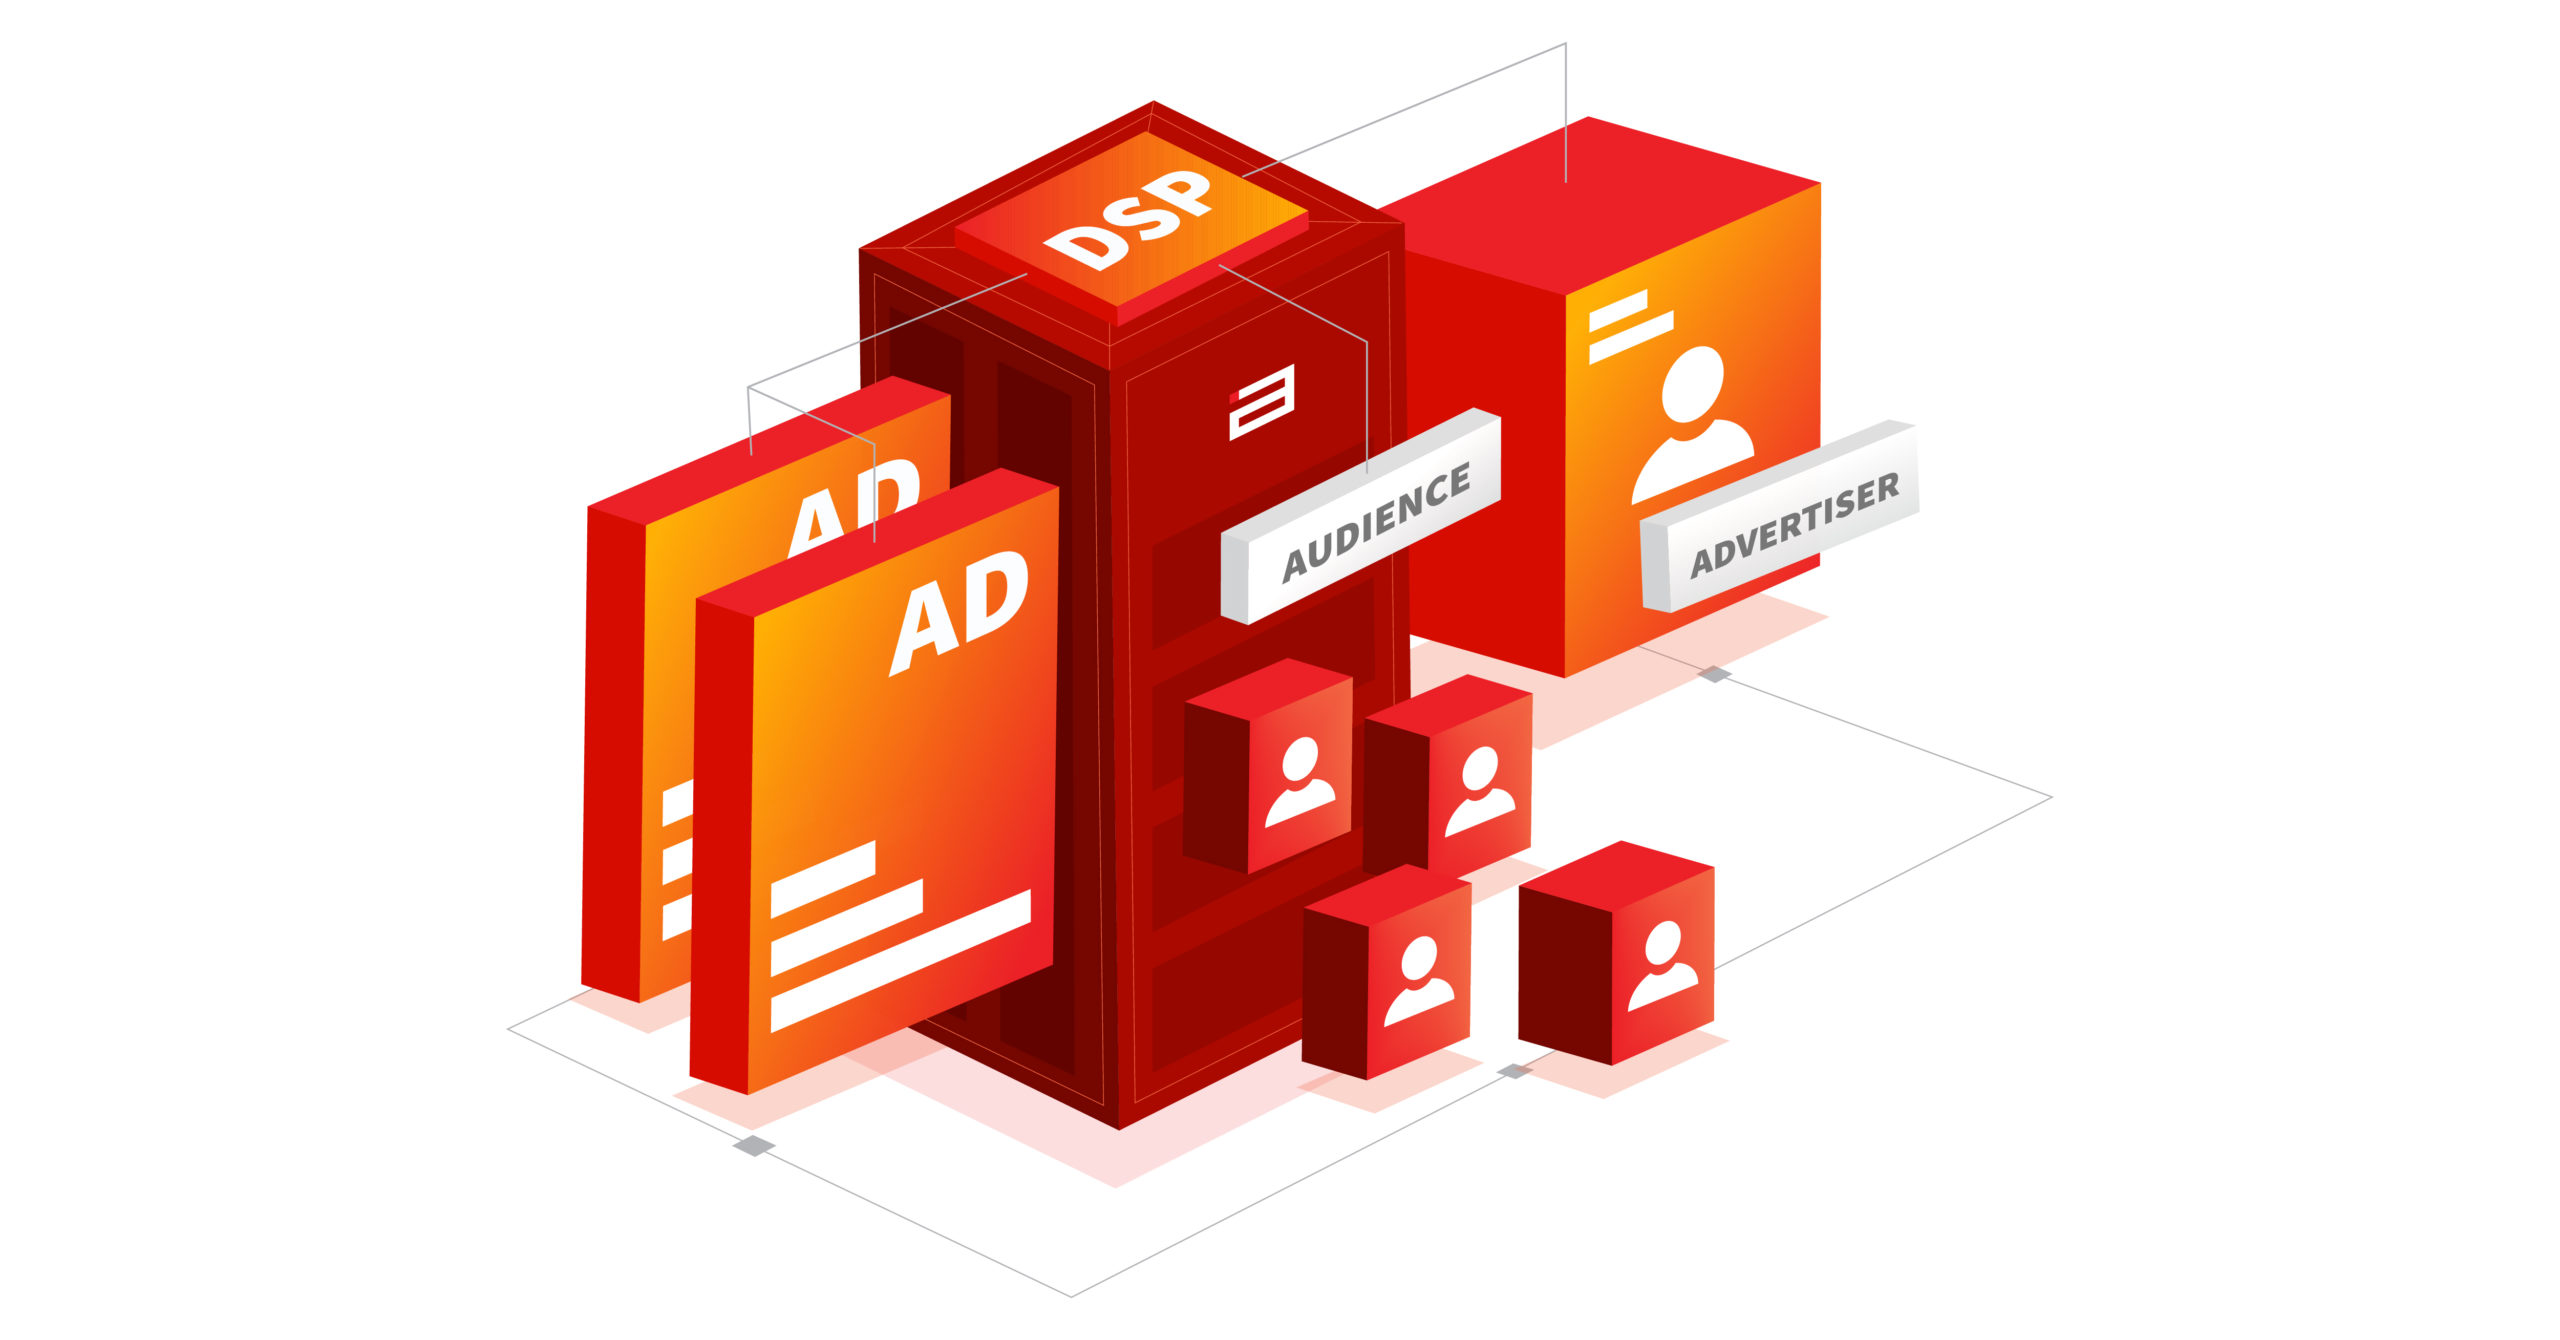 Demand side platform, DSP